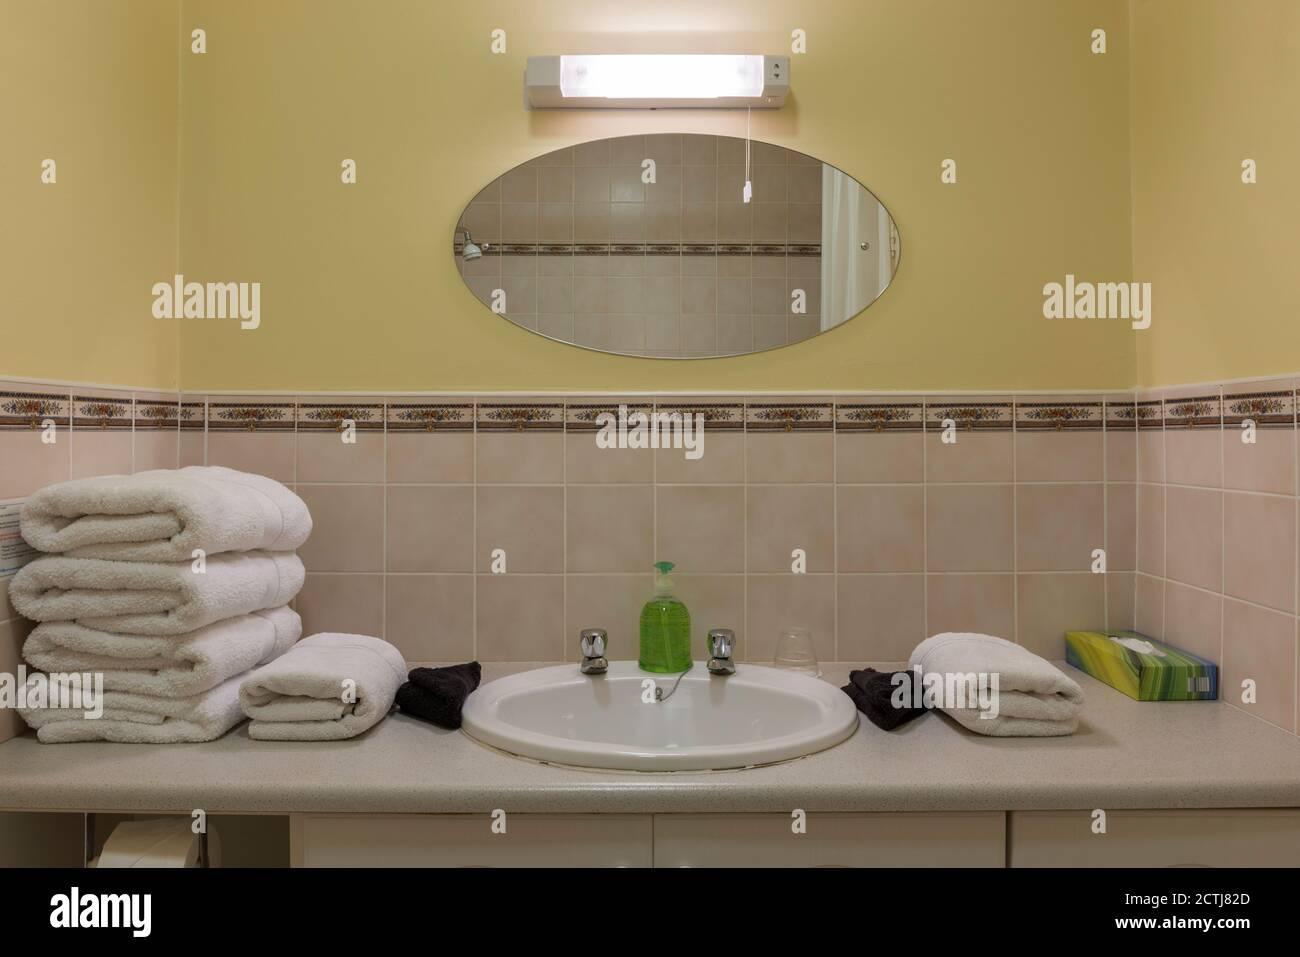 Typisches Badezimmer Stockfotos Und Bilder Kaufen Alamy